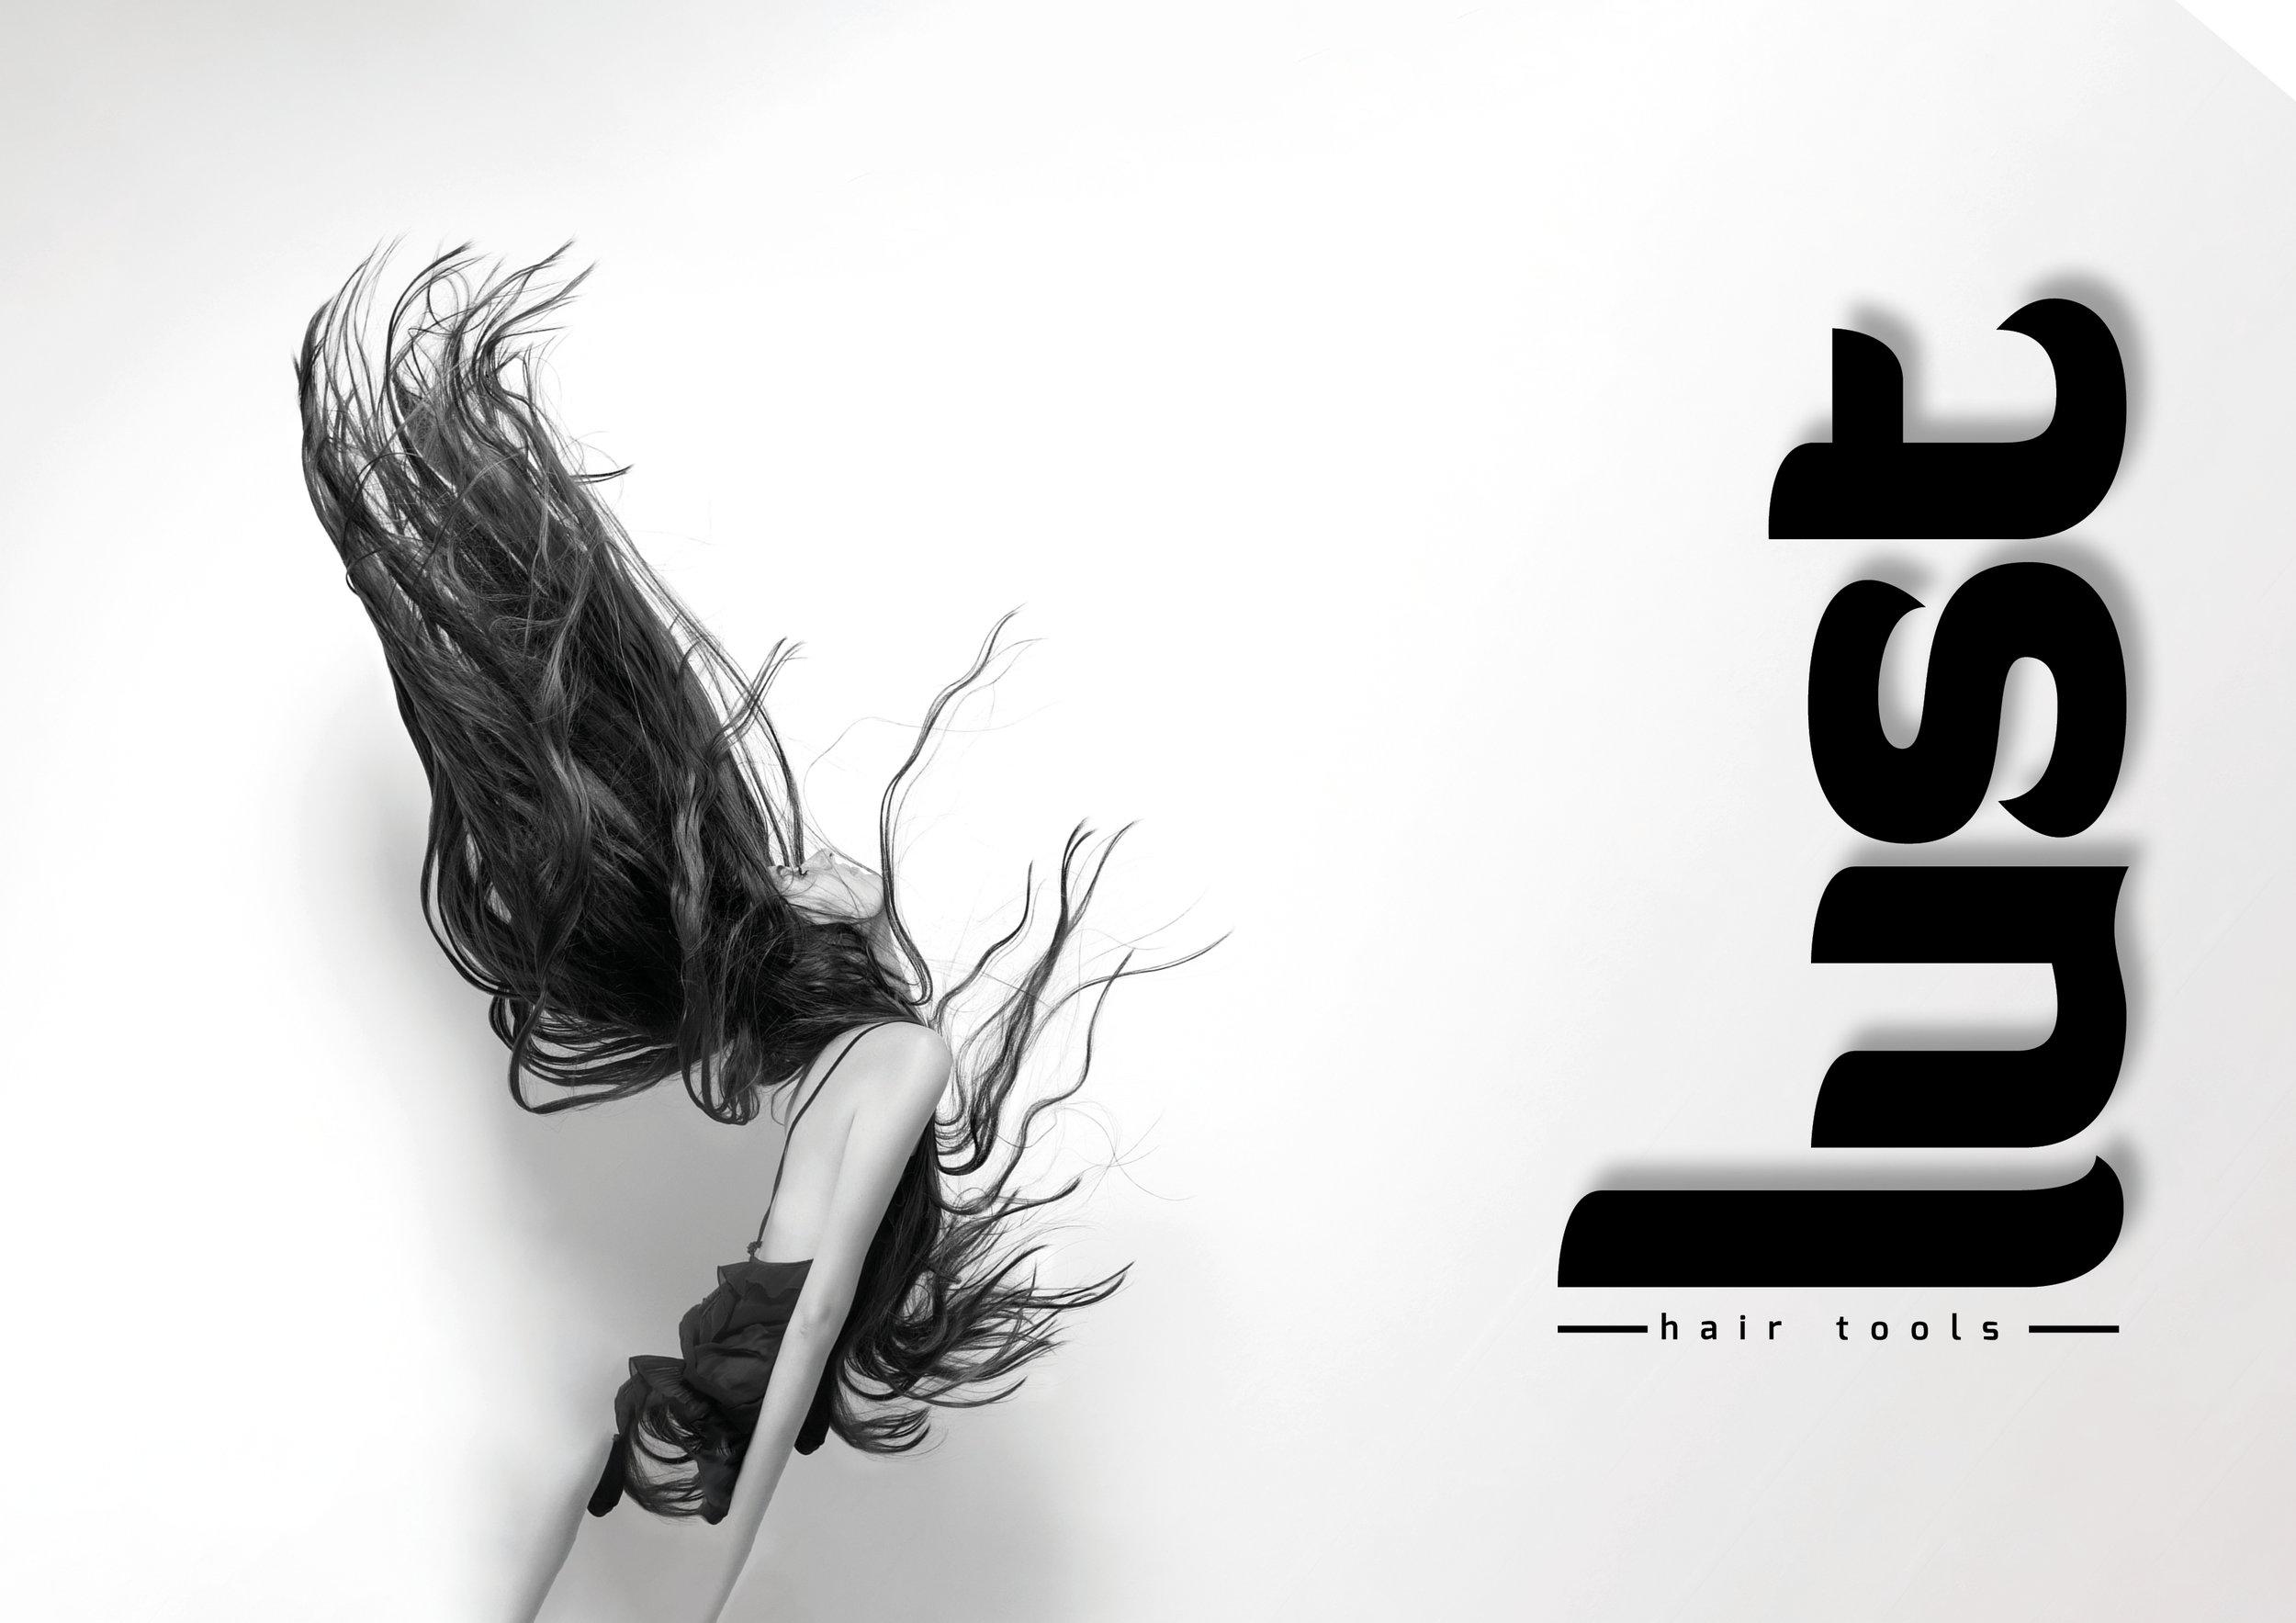 lust hair tools2.jpg